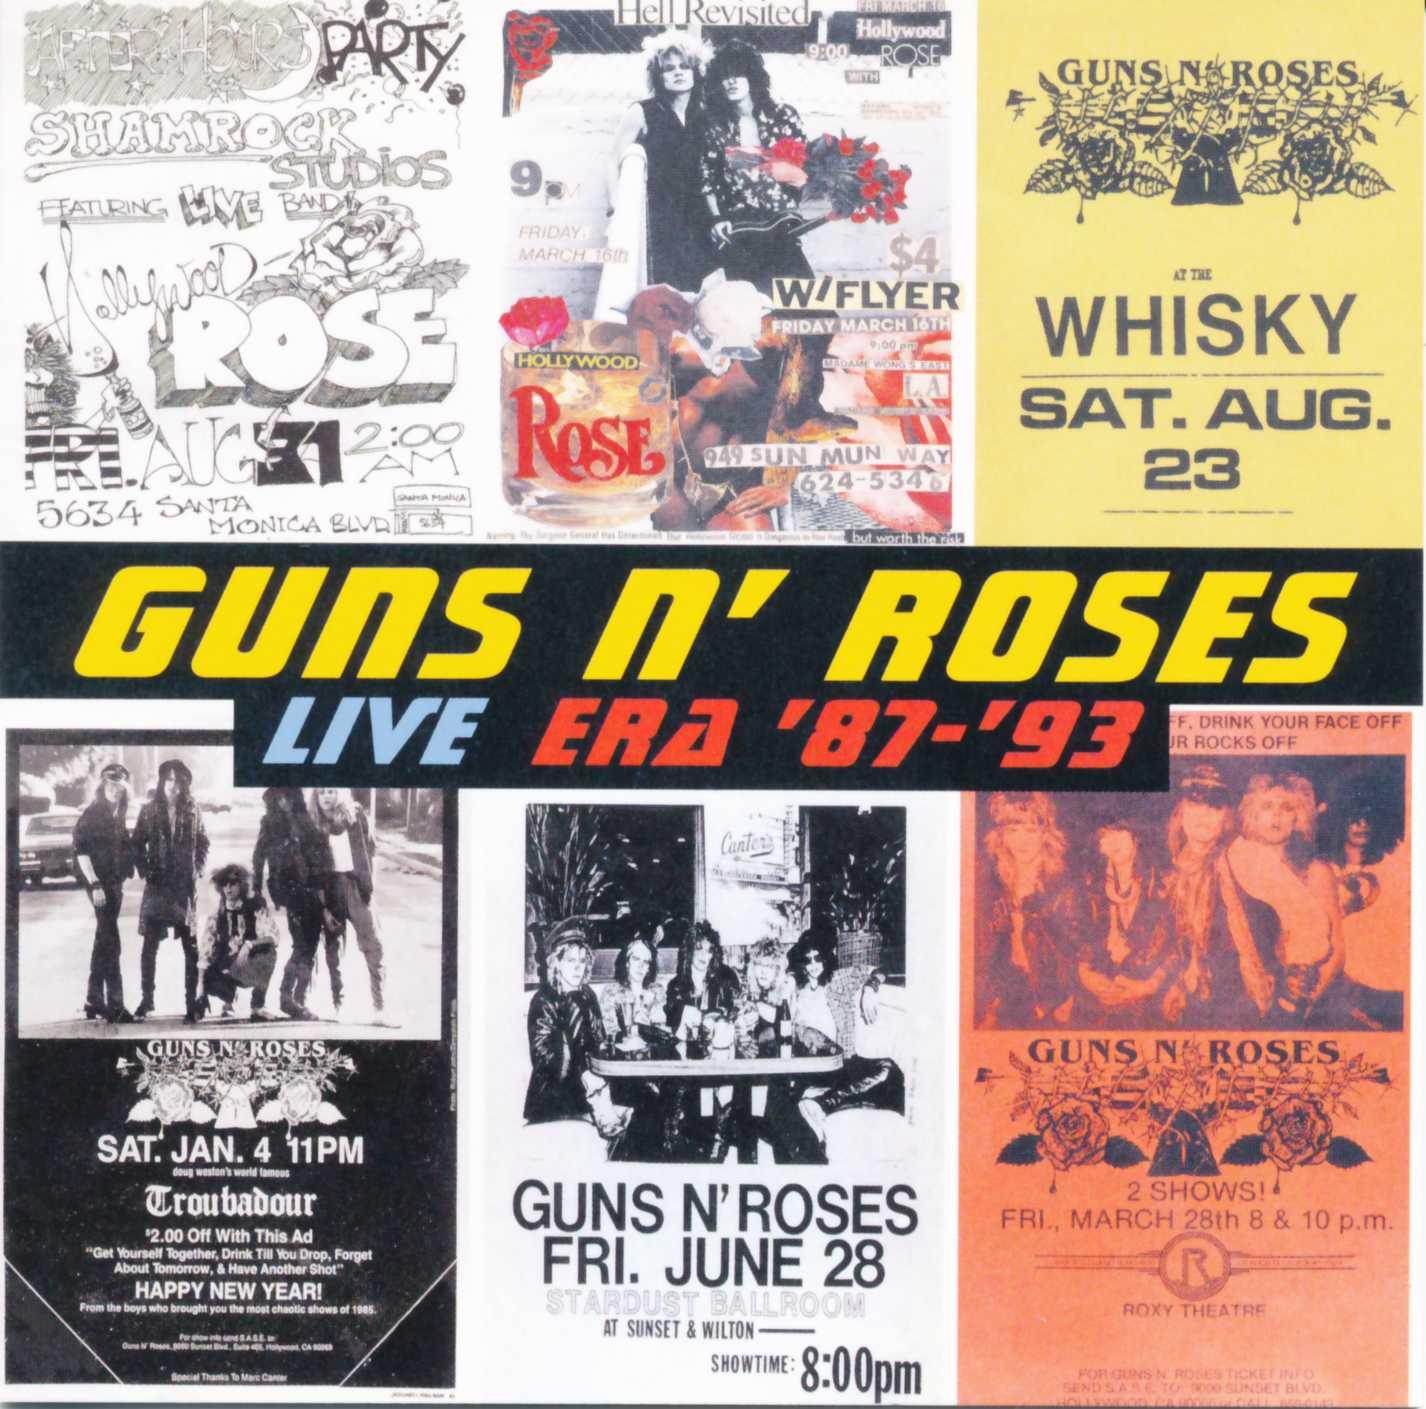 back to babylon diaryguns n roses